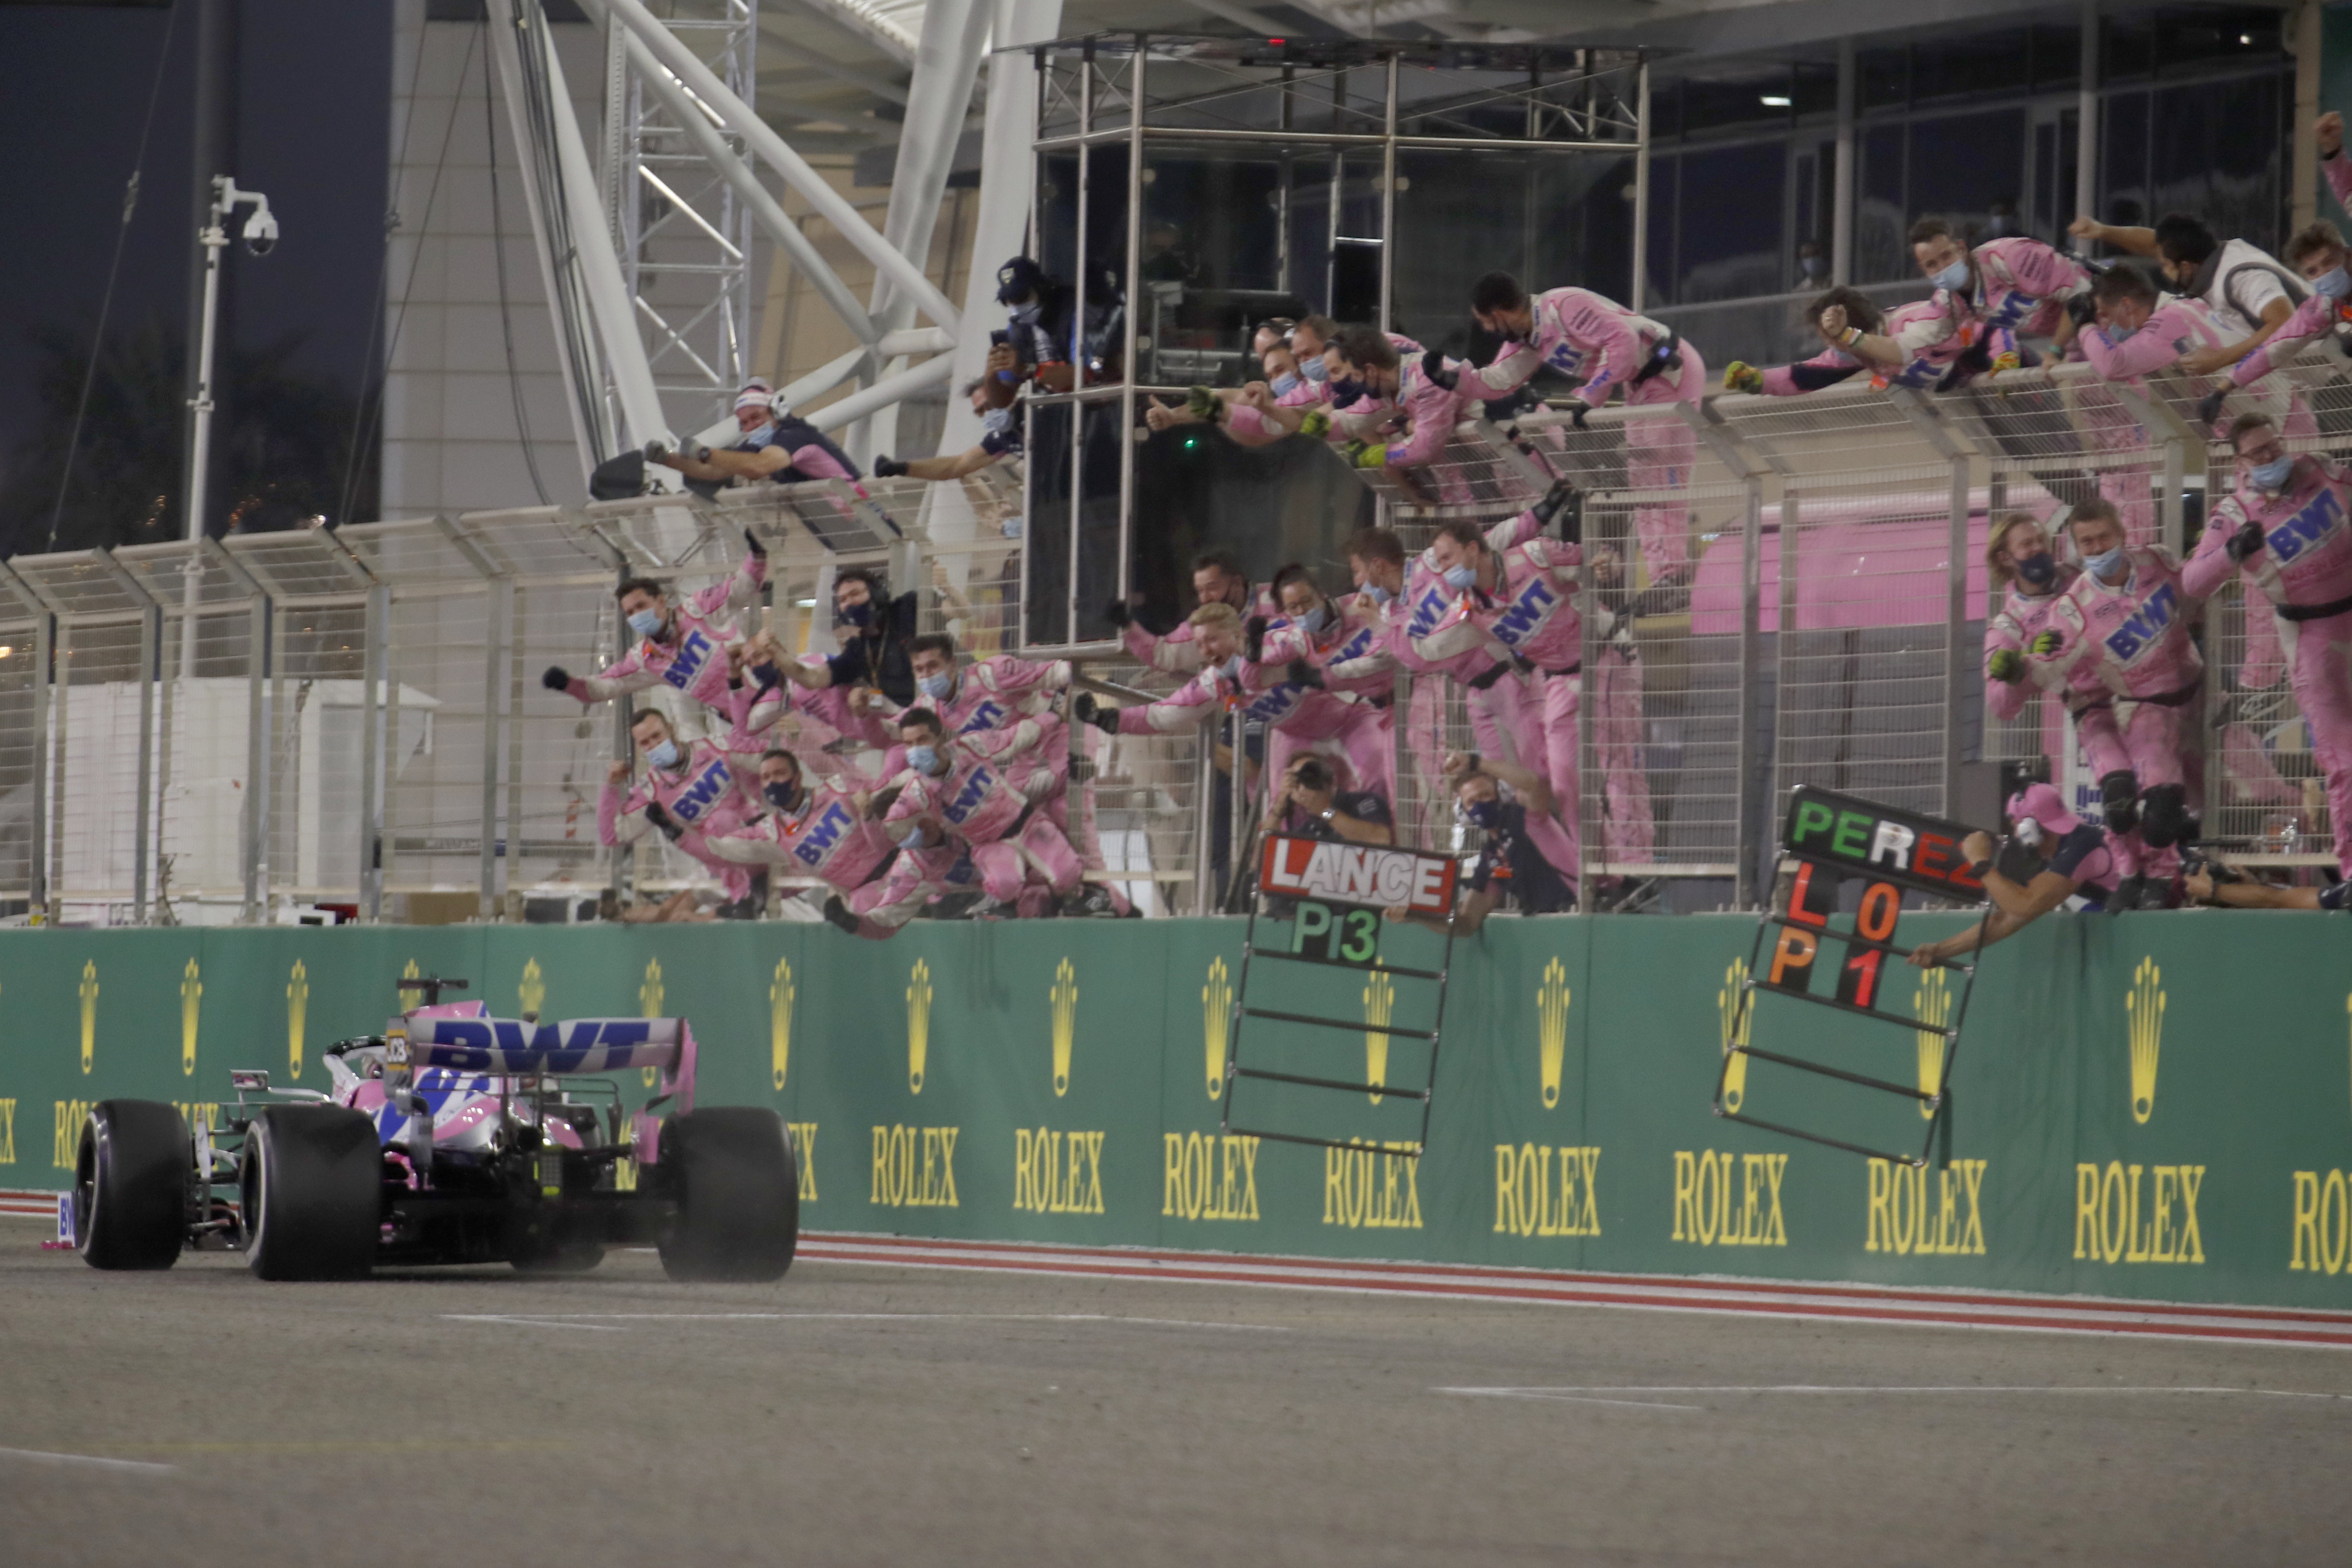 Gran Premio de Fórmula 1 de Sakhir, Baréin el domingo 6 de diciembre de 2020.